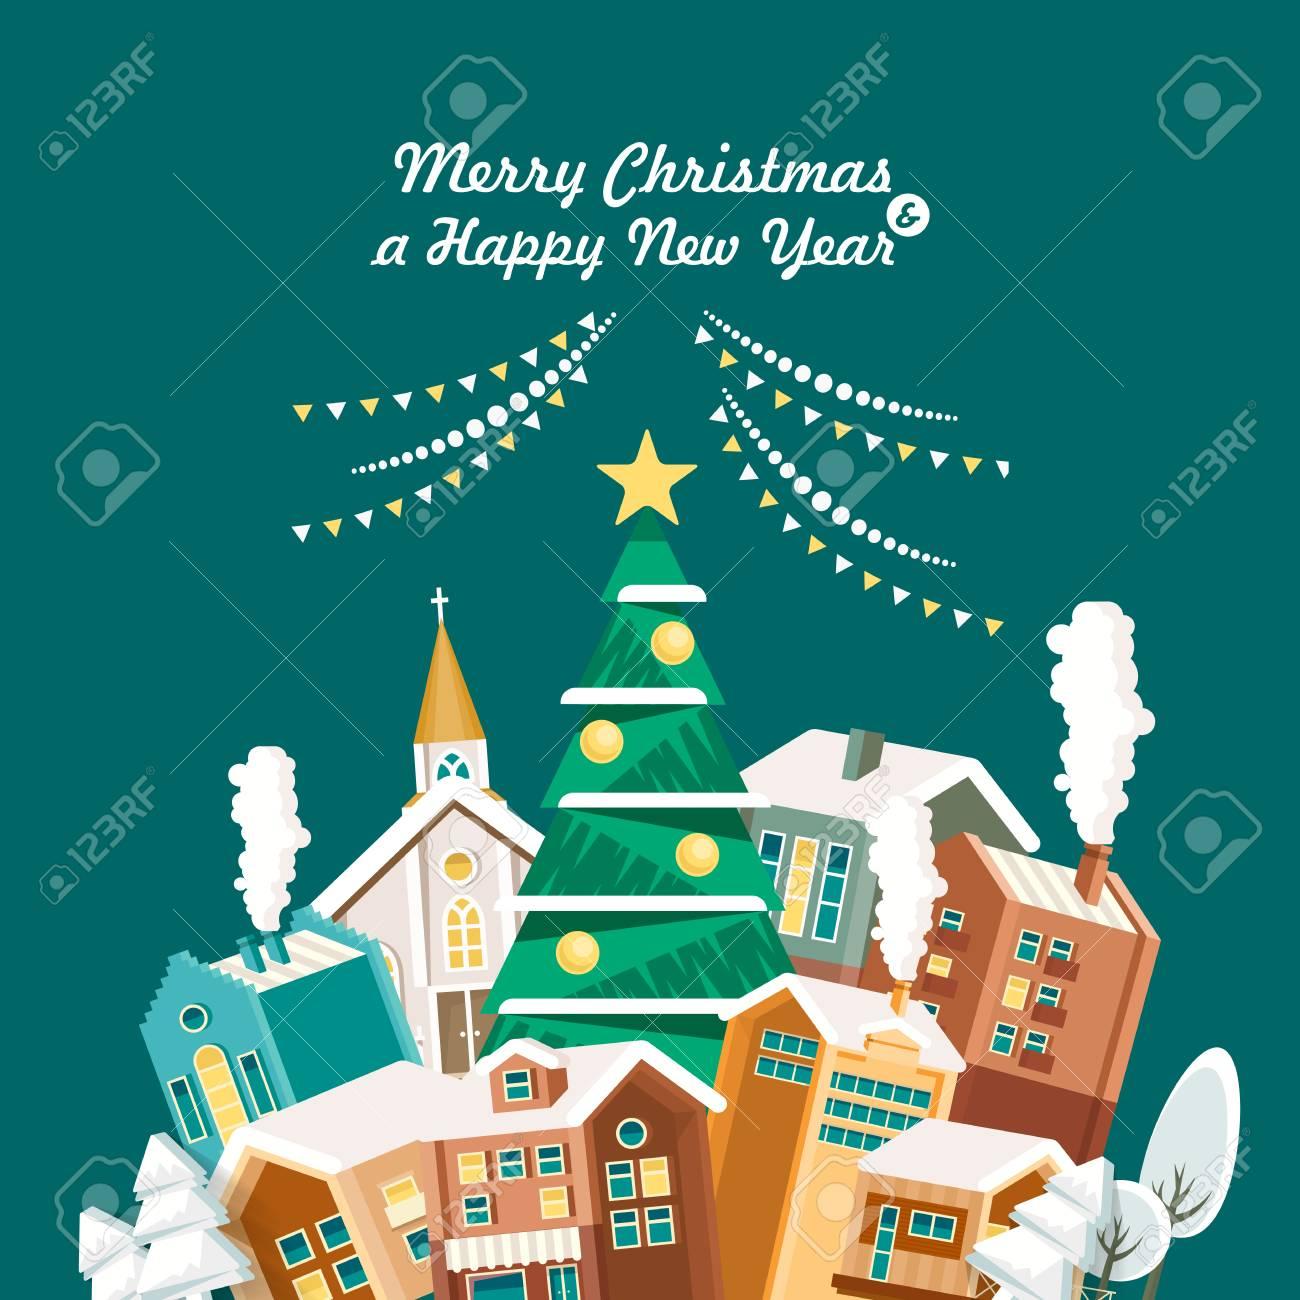 Cartoline Buon Natale E Felice Anno Nuovo.Vettoriale Buon Natale E Un Felice Anno Nuovo Cartolina D Auguri In Design Piatto Moderno Citta Natale Image 83804162